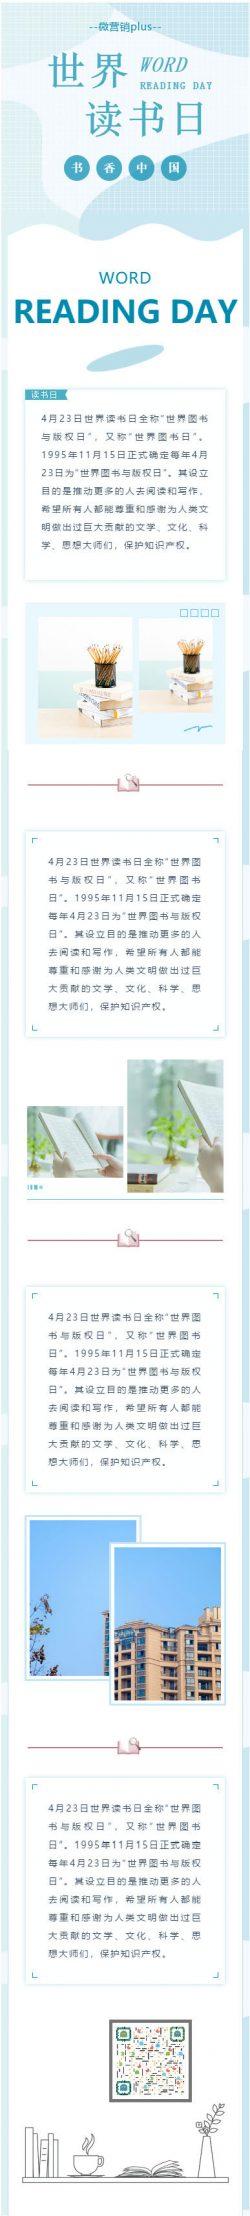 世界读书日微信公众号推送文章推文素材模板